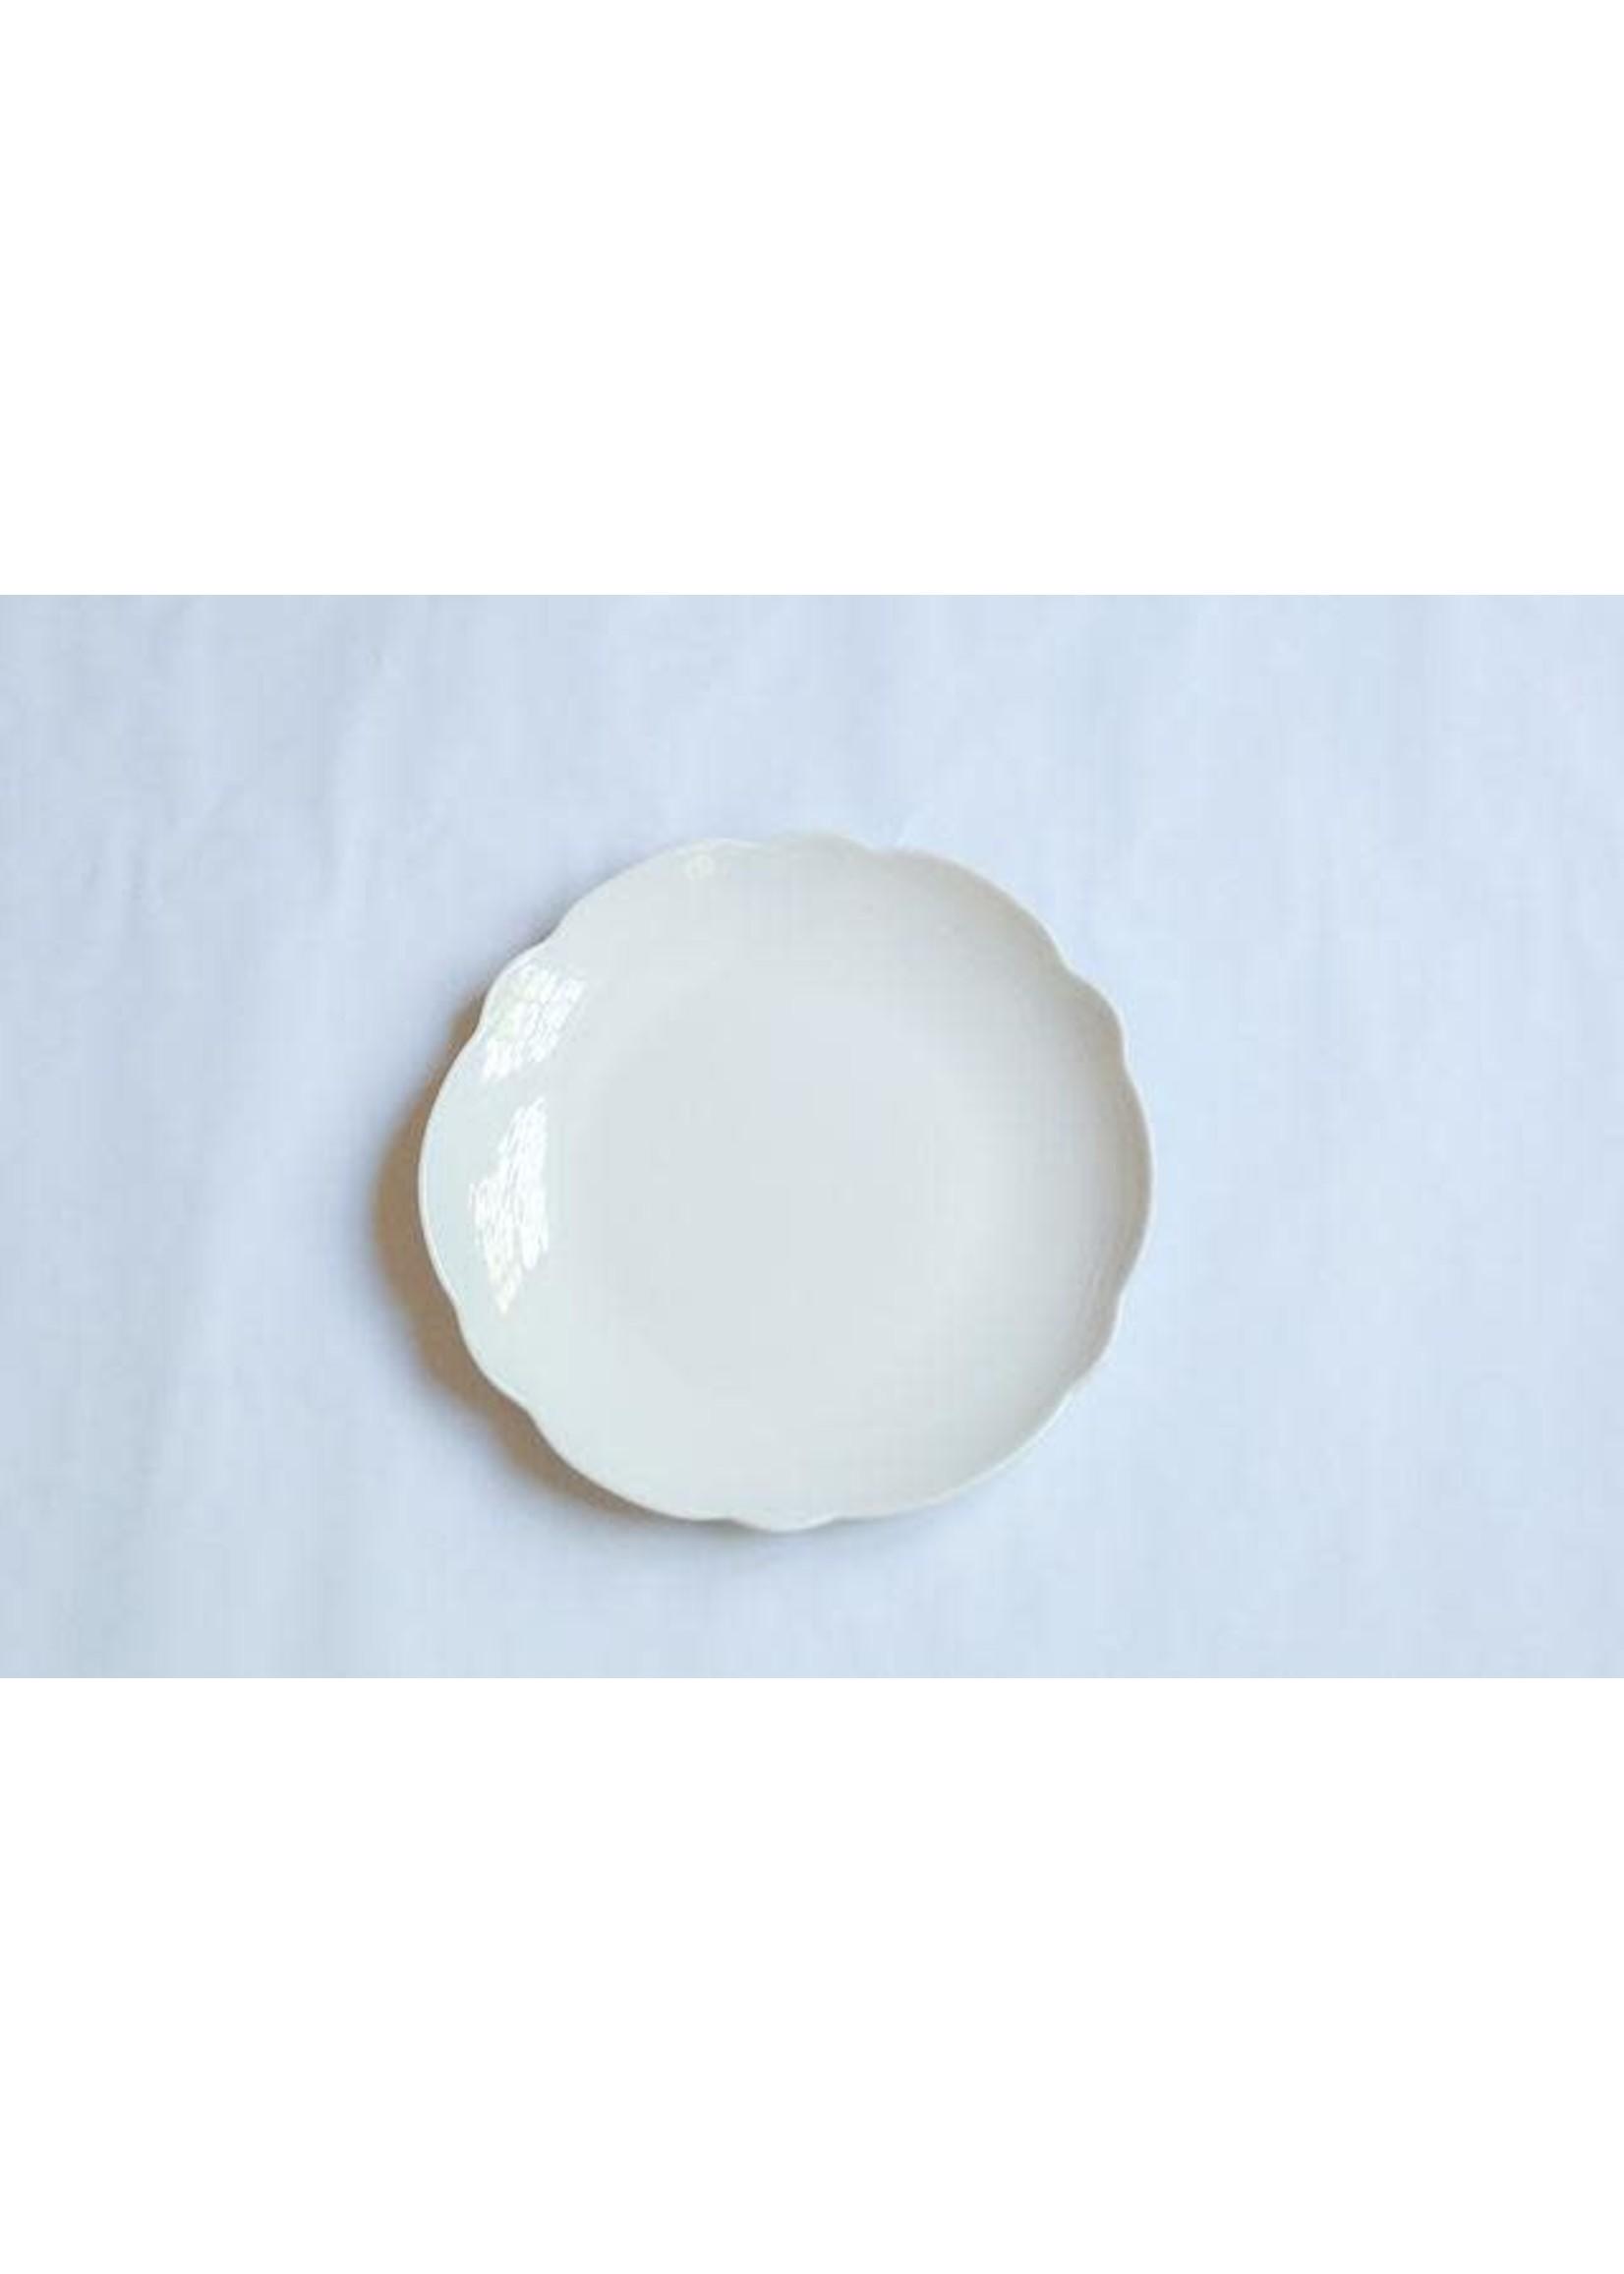 Relish Melamine - Scalloped Dinner Plate - Cream